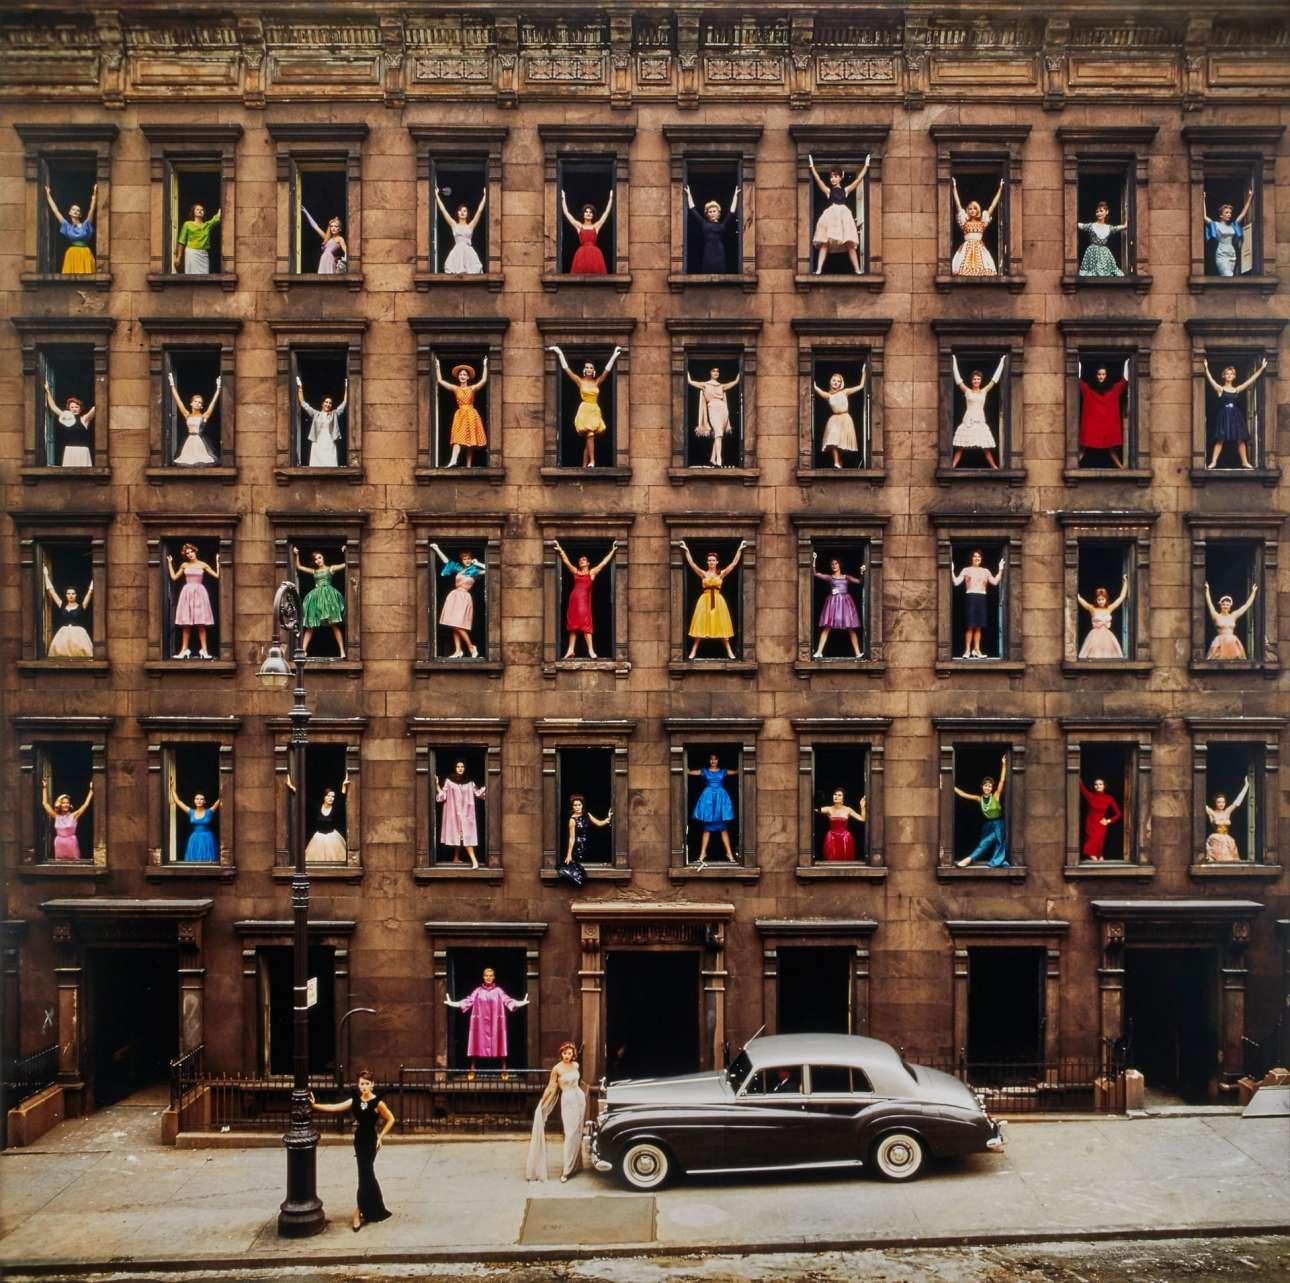 «Κορίτσια στα παράθυρα», Νέα Υόρκη, 1960. «Το έχω σε μεγάλη εκτύπωση επάνω στον τοίχο μου. Ακόμα χαμογελάω κάθε φορά που το βλέπω, ακόμα και μετά από όλα αυτά τα χρόνια. Καθόλου κακό» λέει ο φωτογράφος Ormond Gigli